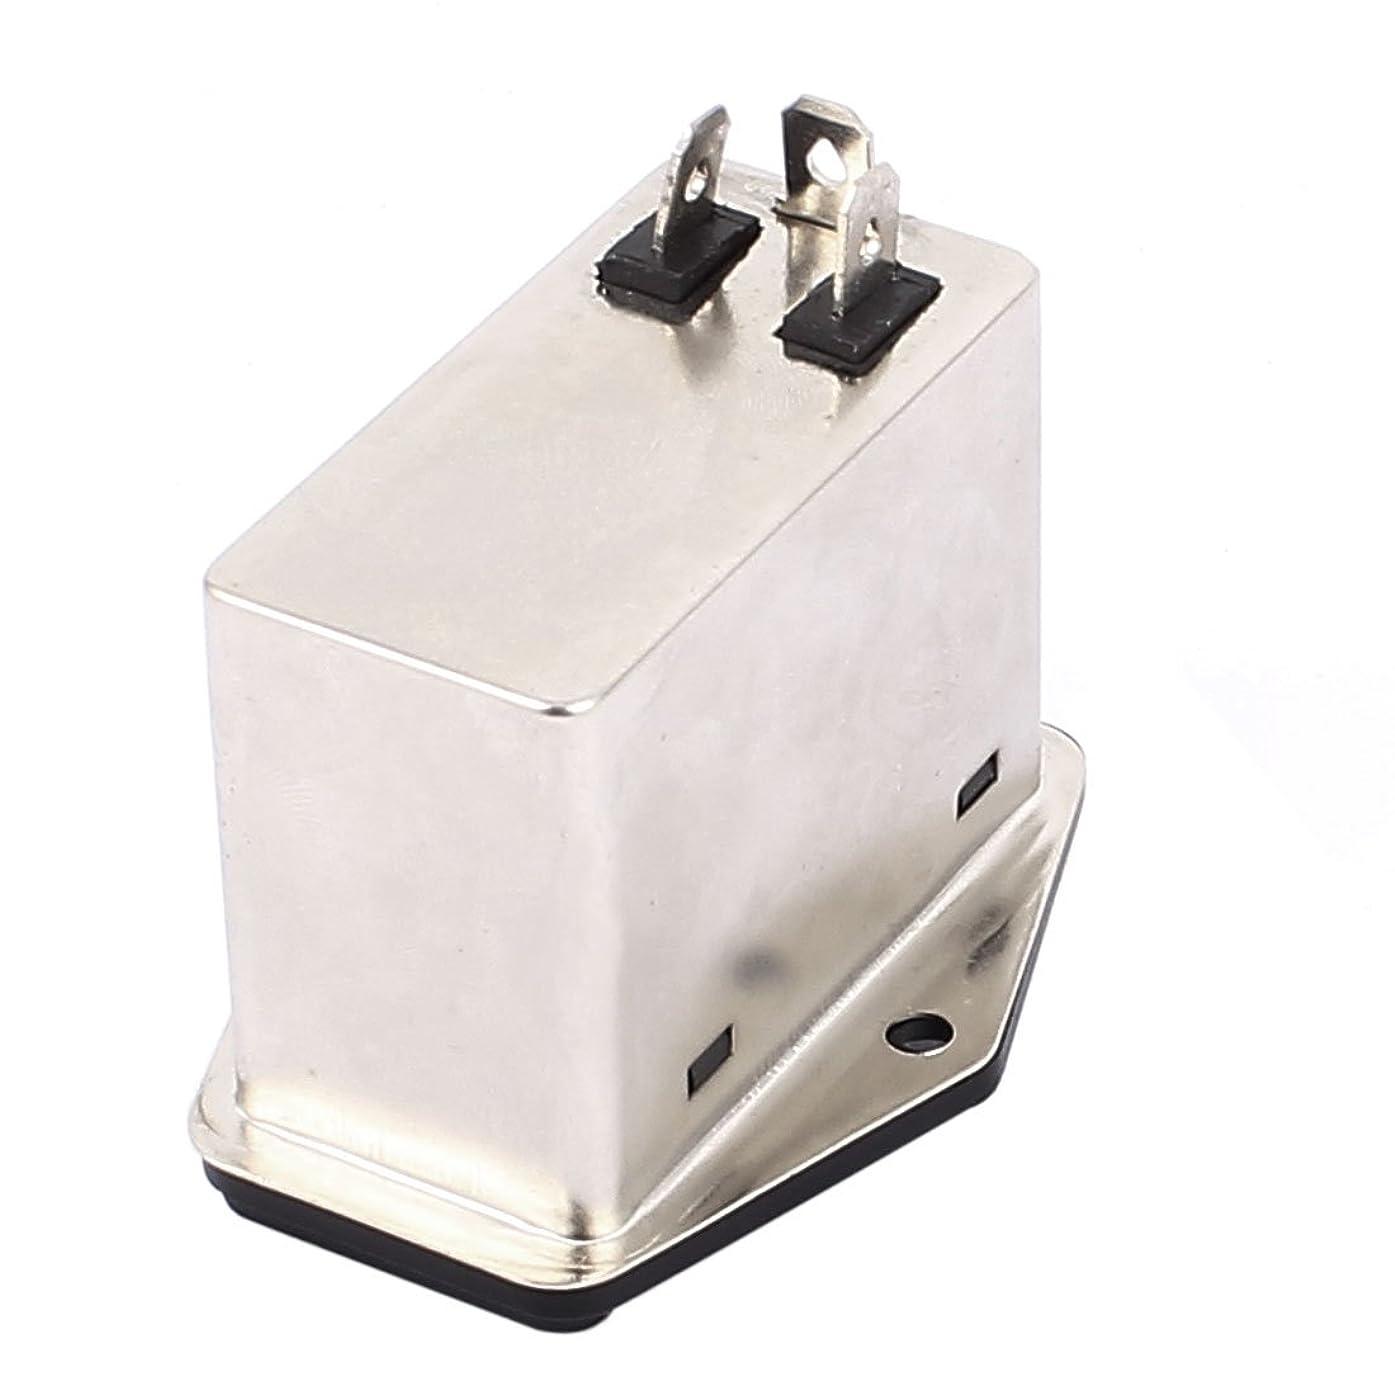 また明日ね古代サイバースペースuxcell AC電源ラインEMIフィルタ CW2C-10A-T IEC320 C14コネクタ